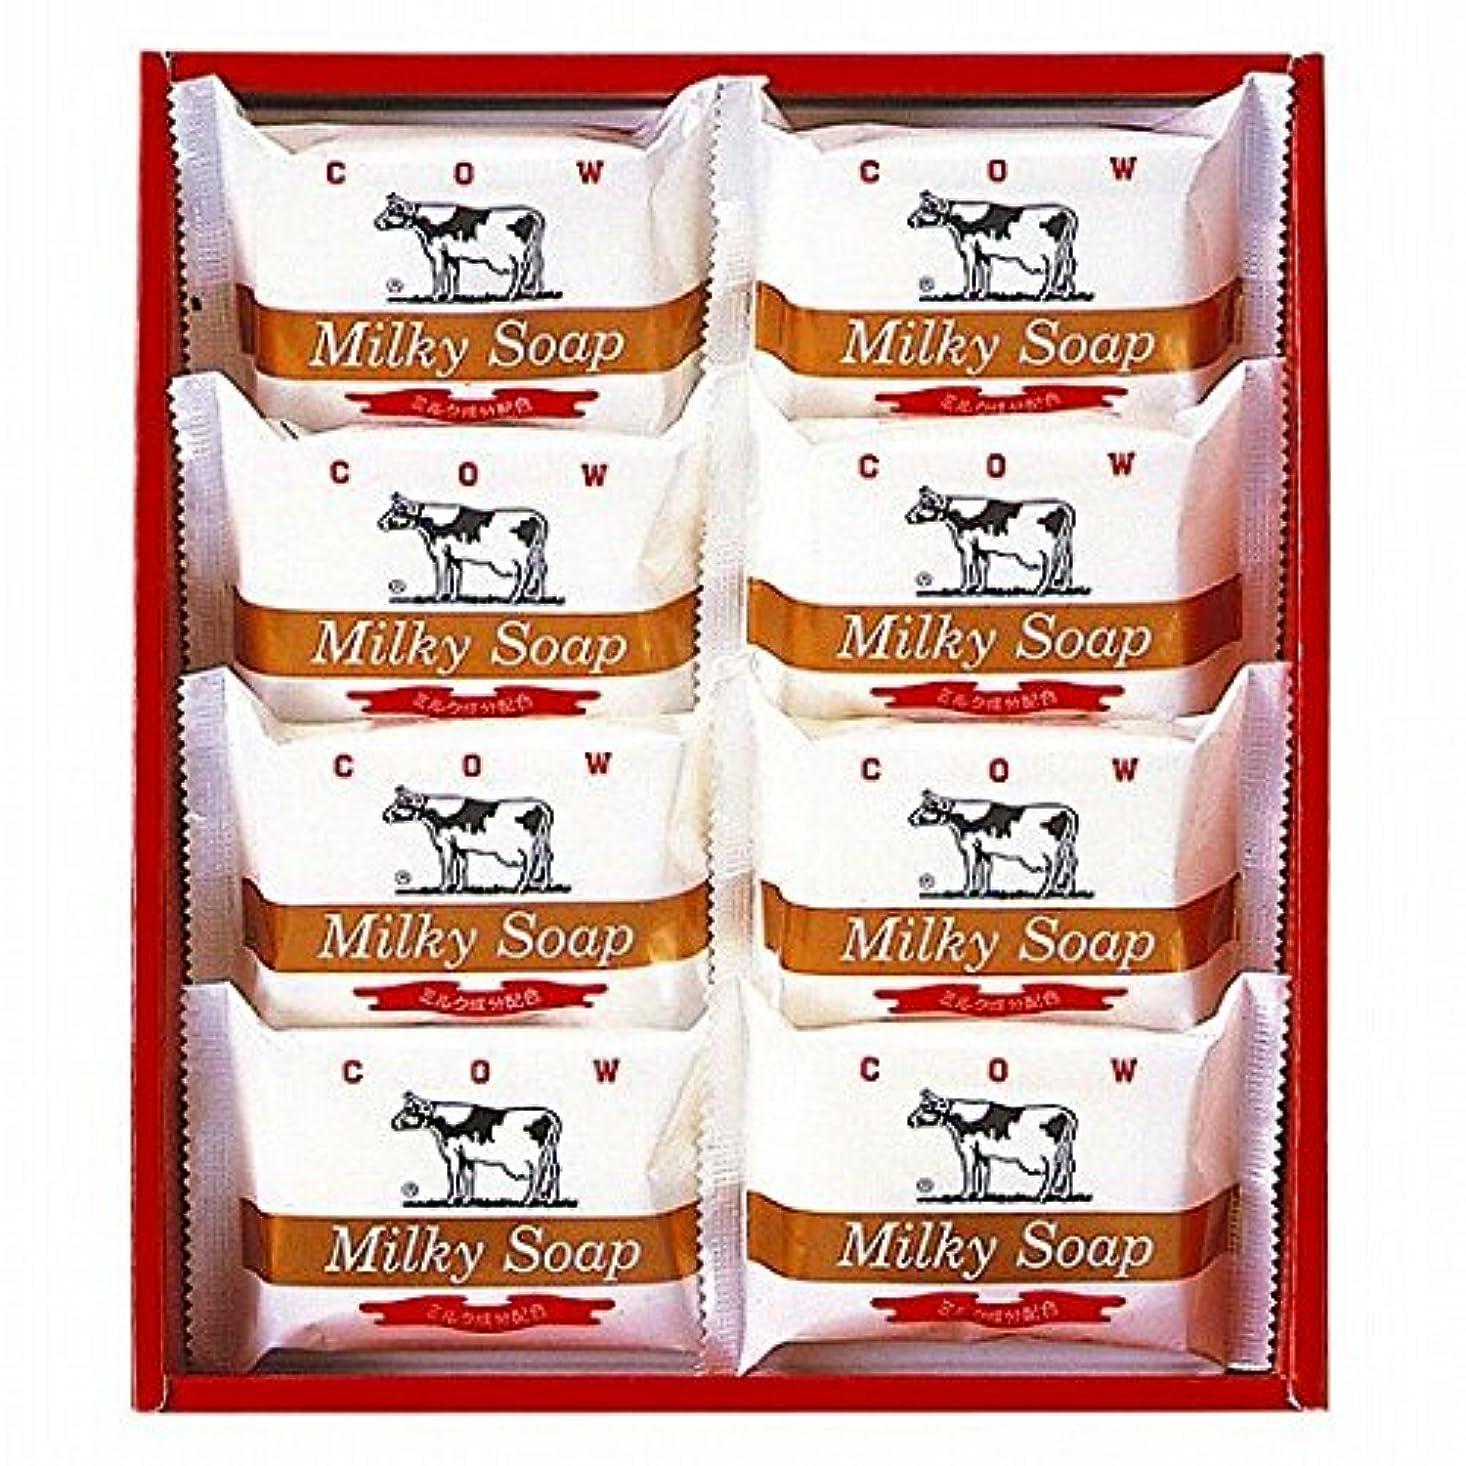 原油ハイキングに行く茎nobrand 牛乳石鹸 ゴールドソープセット (21940004)